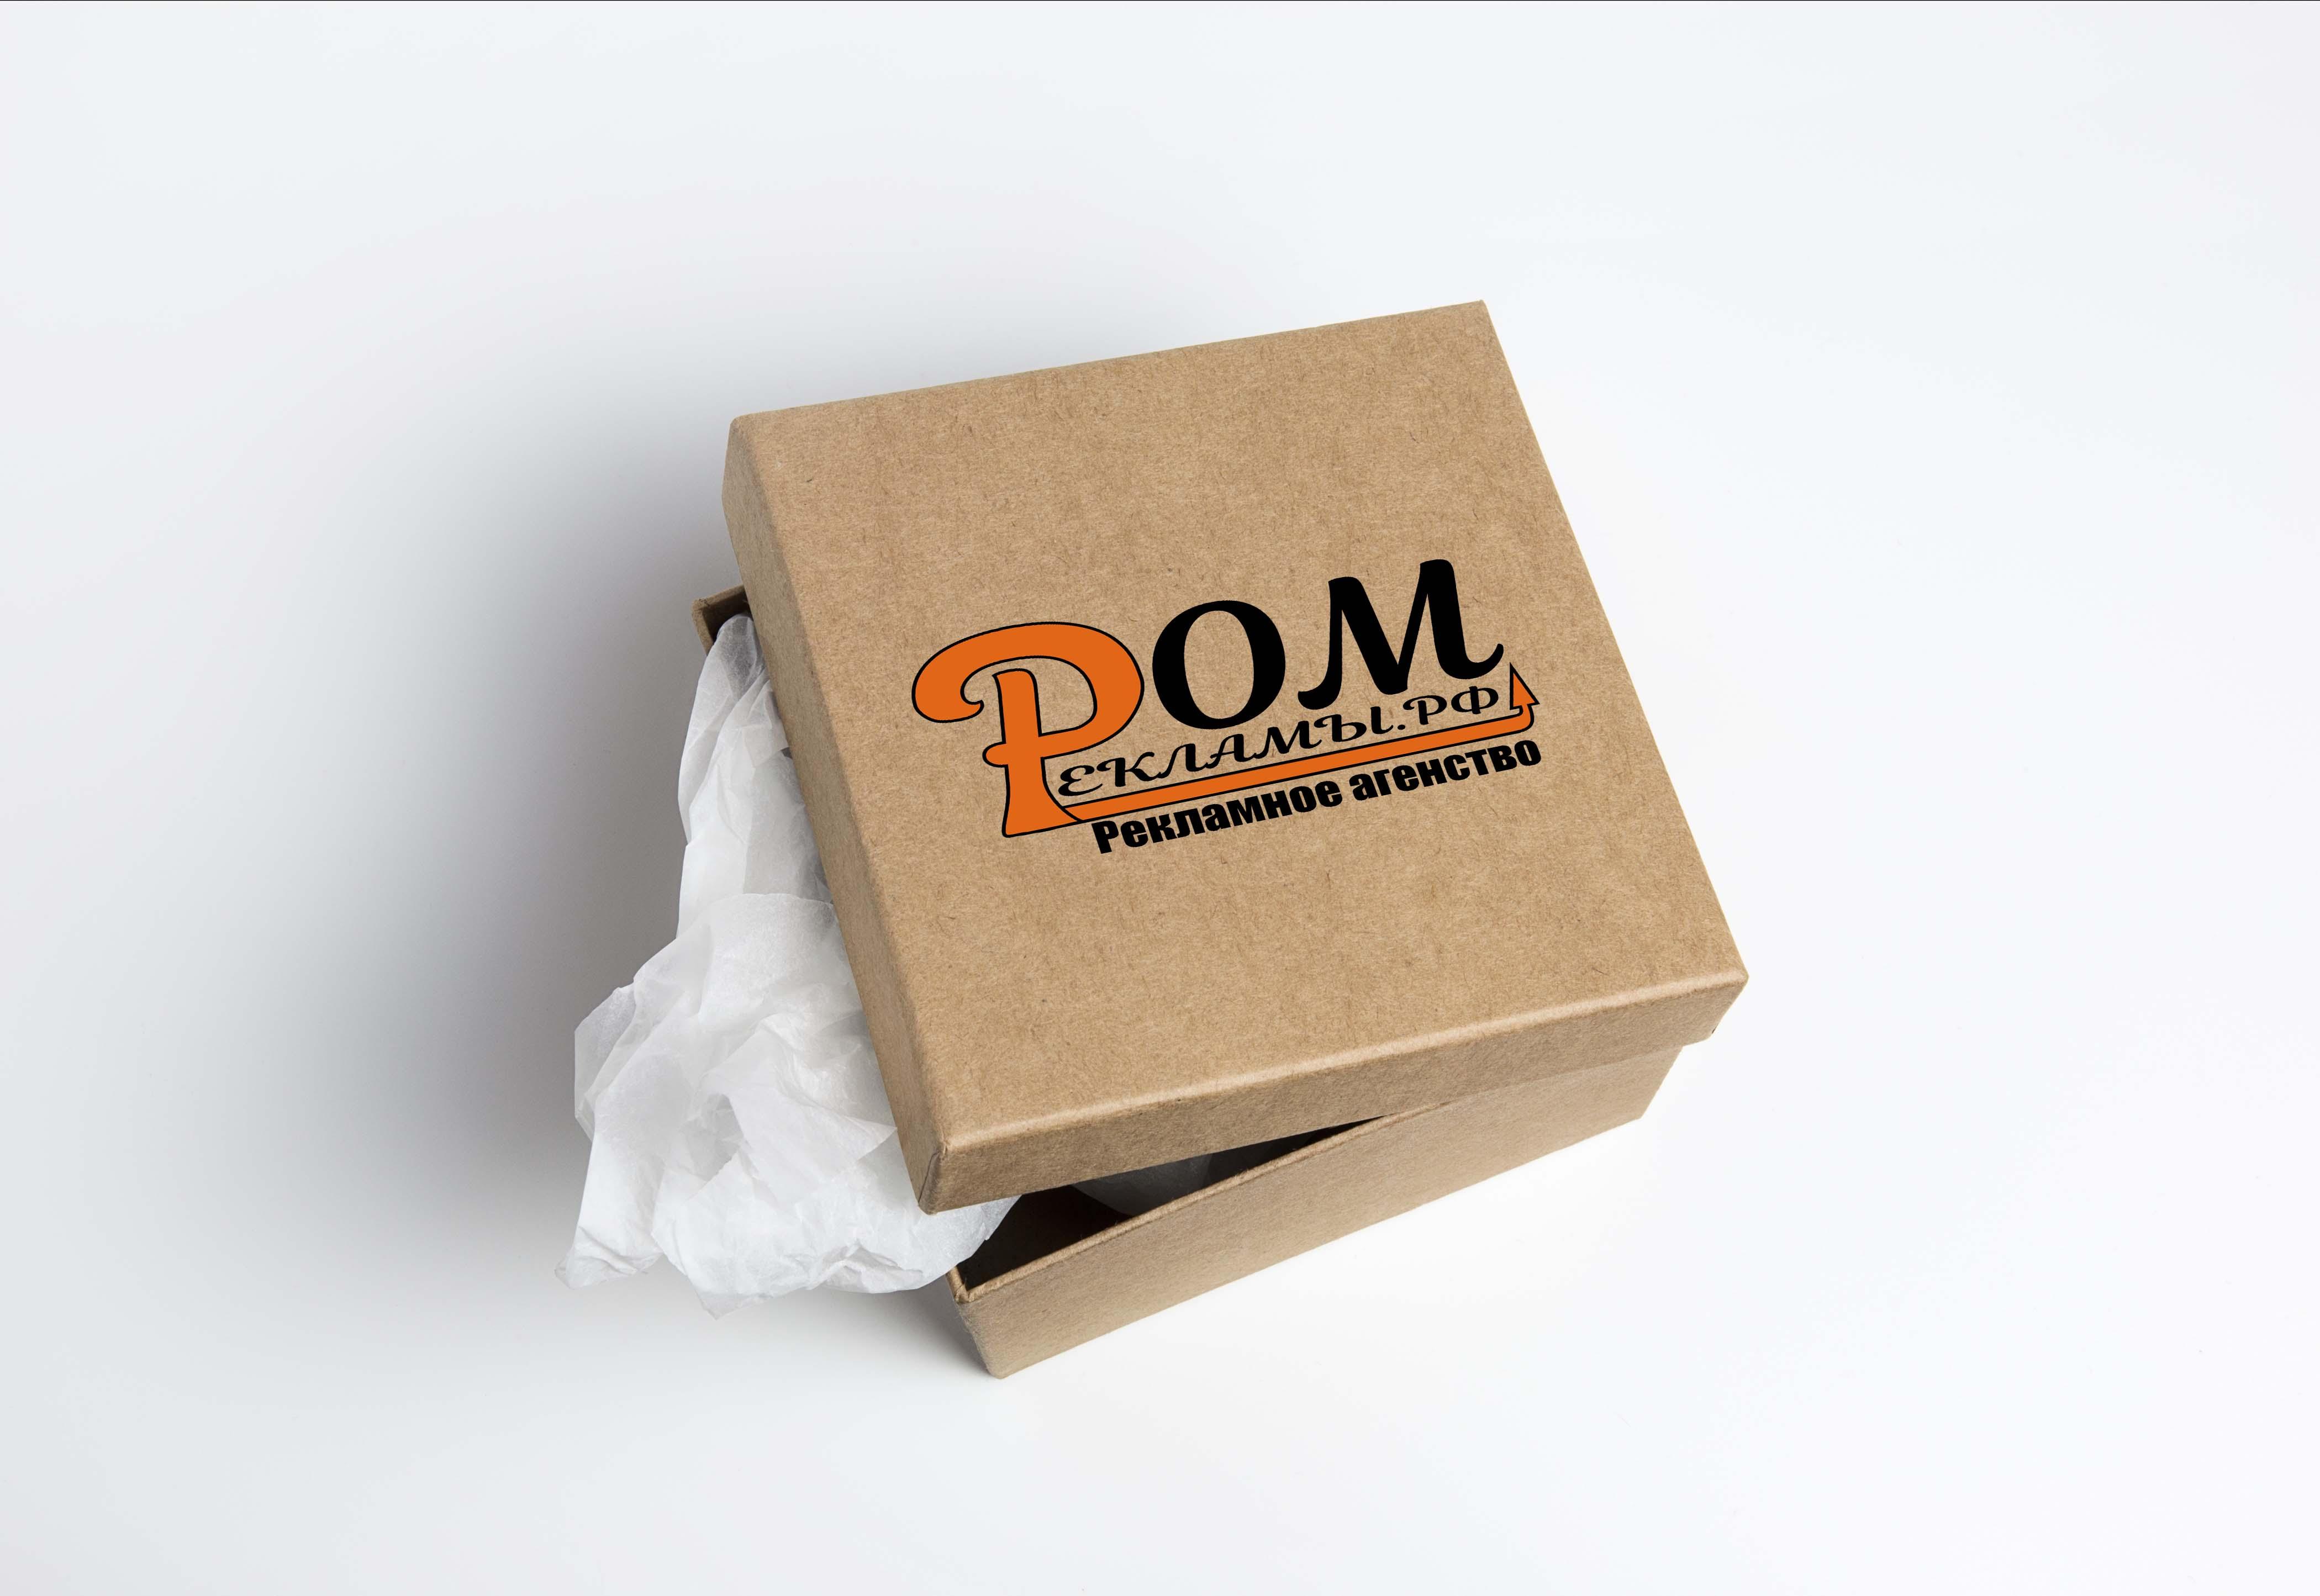 Дизайн логотипа рекламно-производственной компании фото f_7115edca56f43ce7.jpg